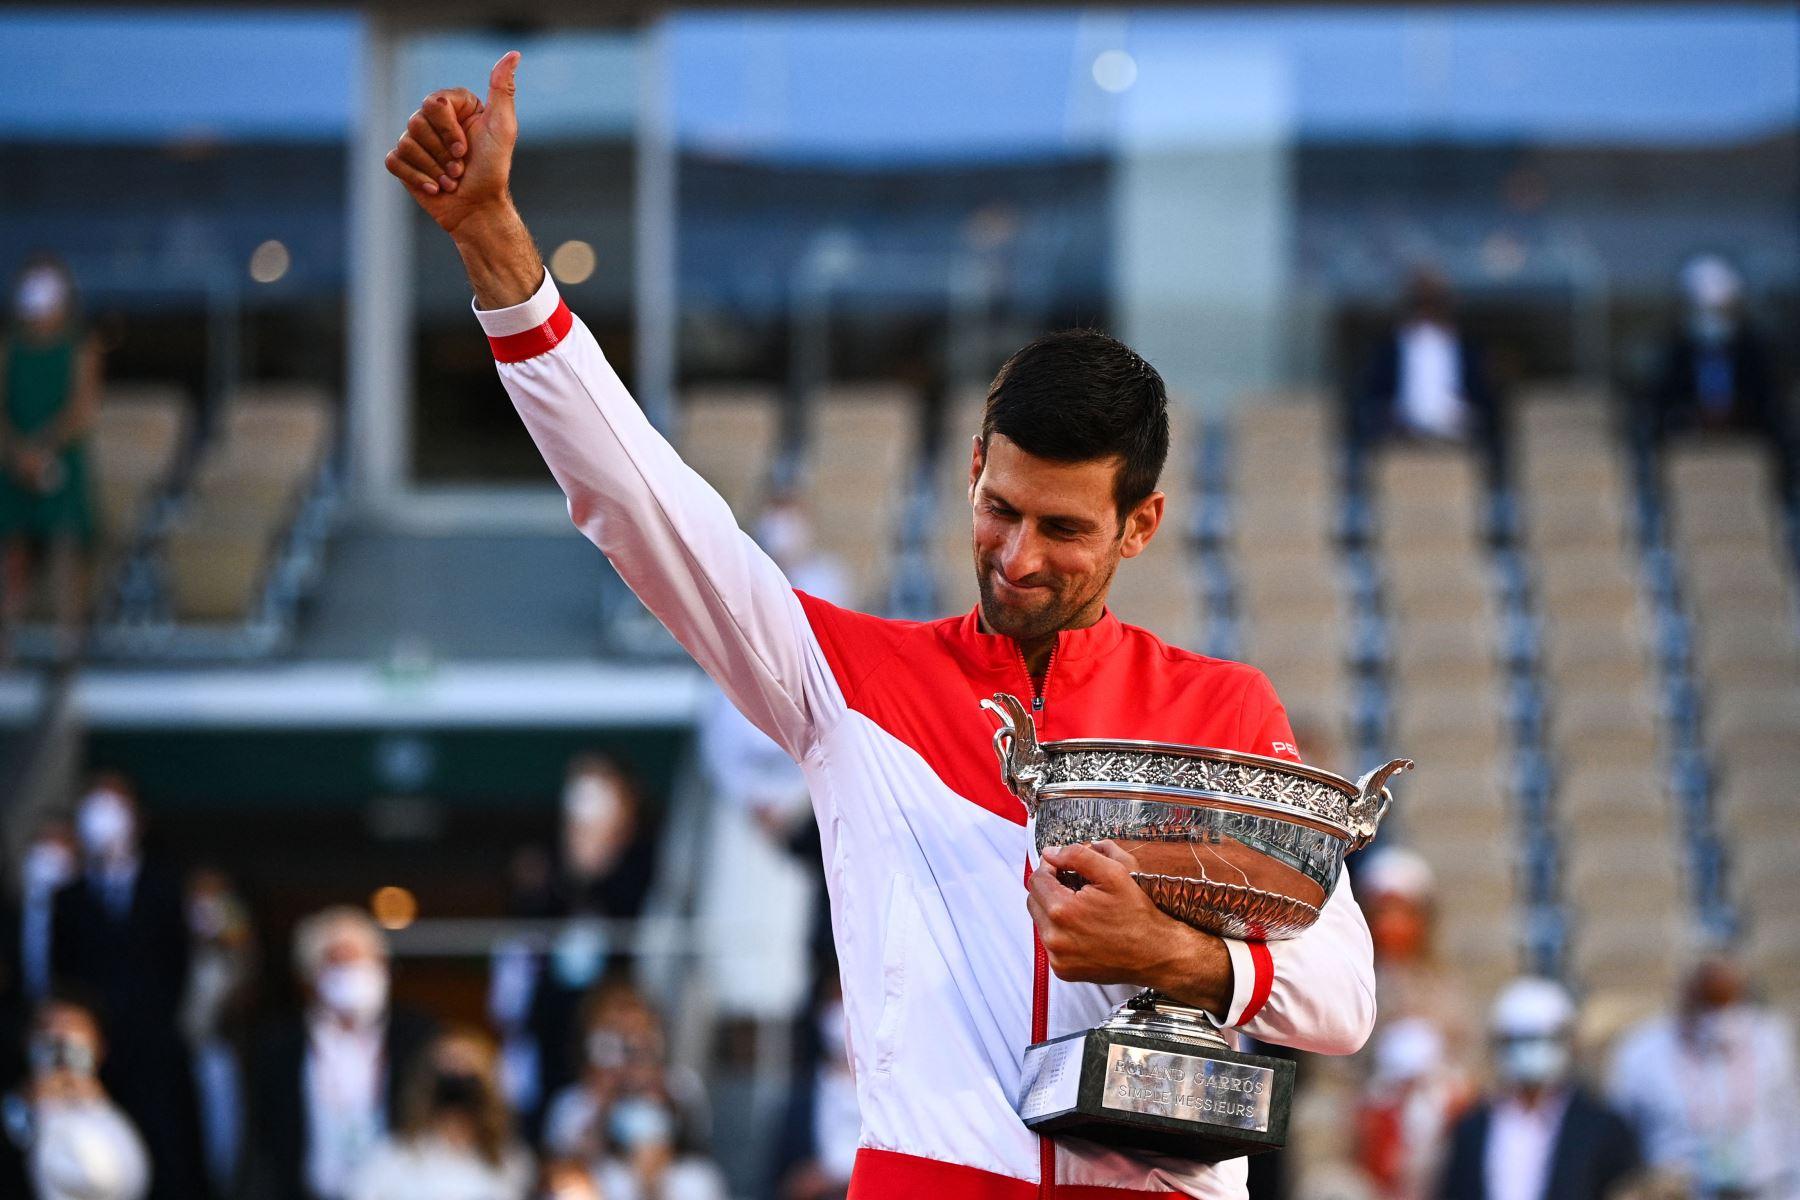 El serbio Novak Djokovic posa con la Copa Mousquetaires después de vencer al griego Stefanos Tsitsipas al final de su último partido de tenis masculino el día 15 del torneo de tenis Roland Garros 2021 del Abierto de Francia en París. Foto: AFP